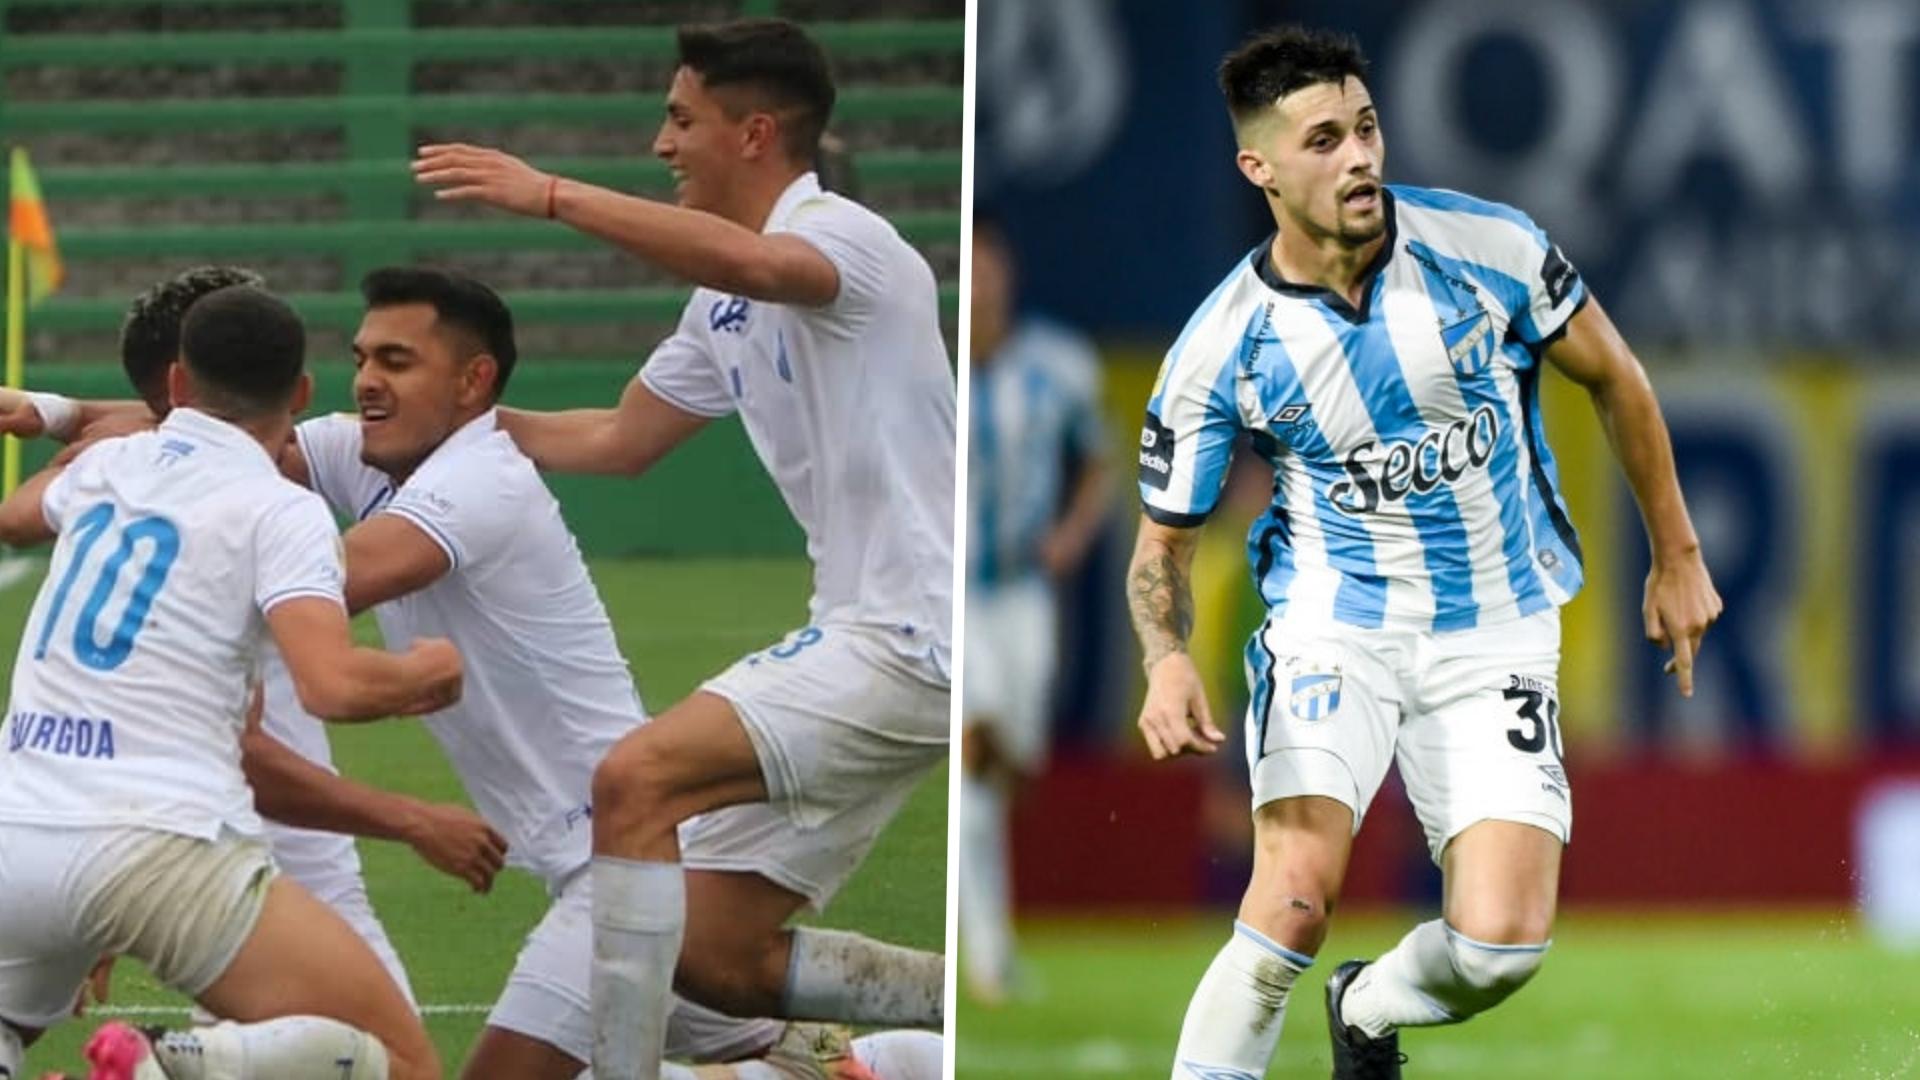 Godoy Cruz vs. Atlético Tucumán, EN VIVO ONLINE por el Torneo de la Liga  Profesional 2021: dónde y cómo verlo por internet en streaming y TV |  Goal.com